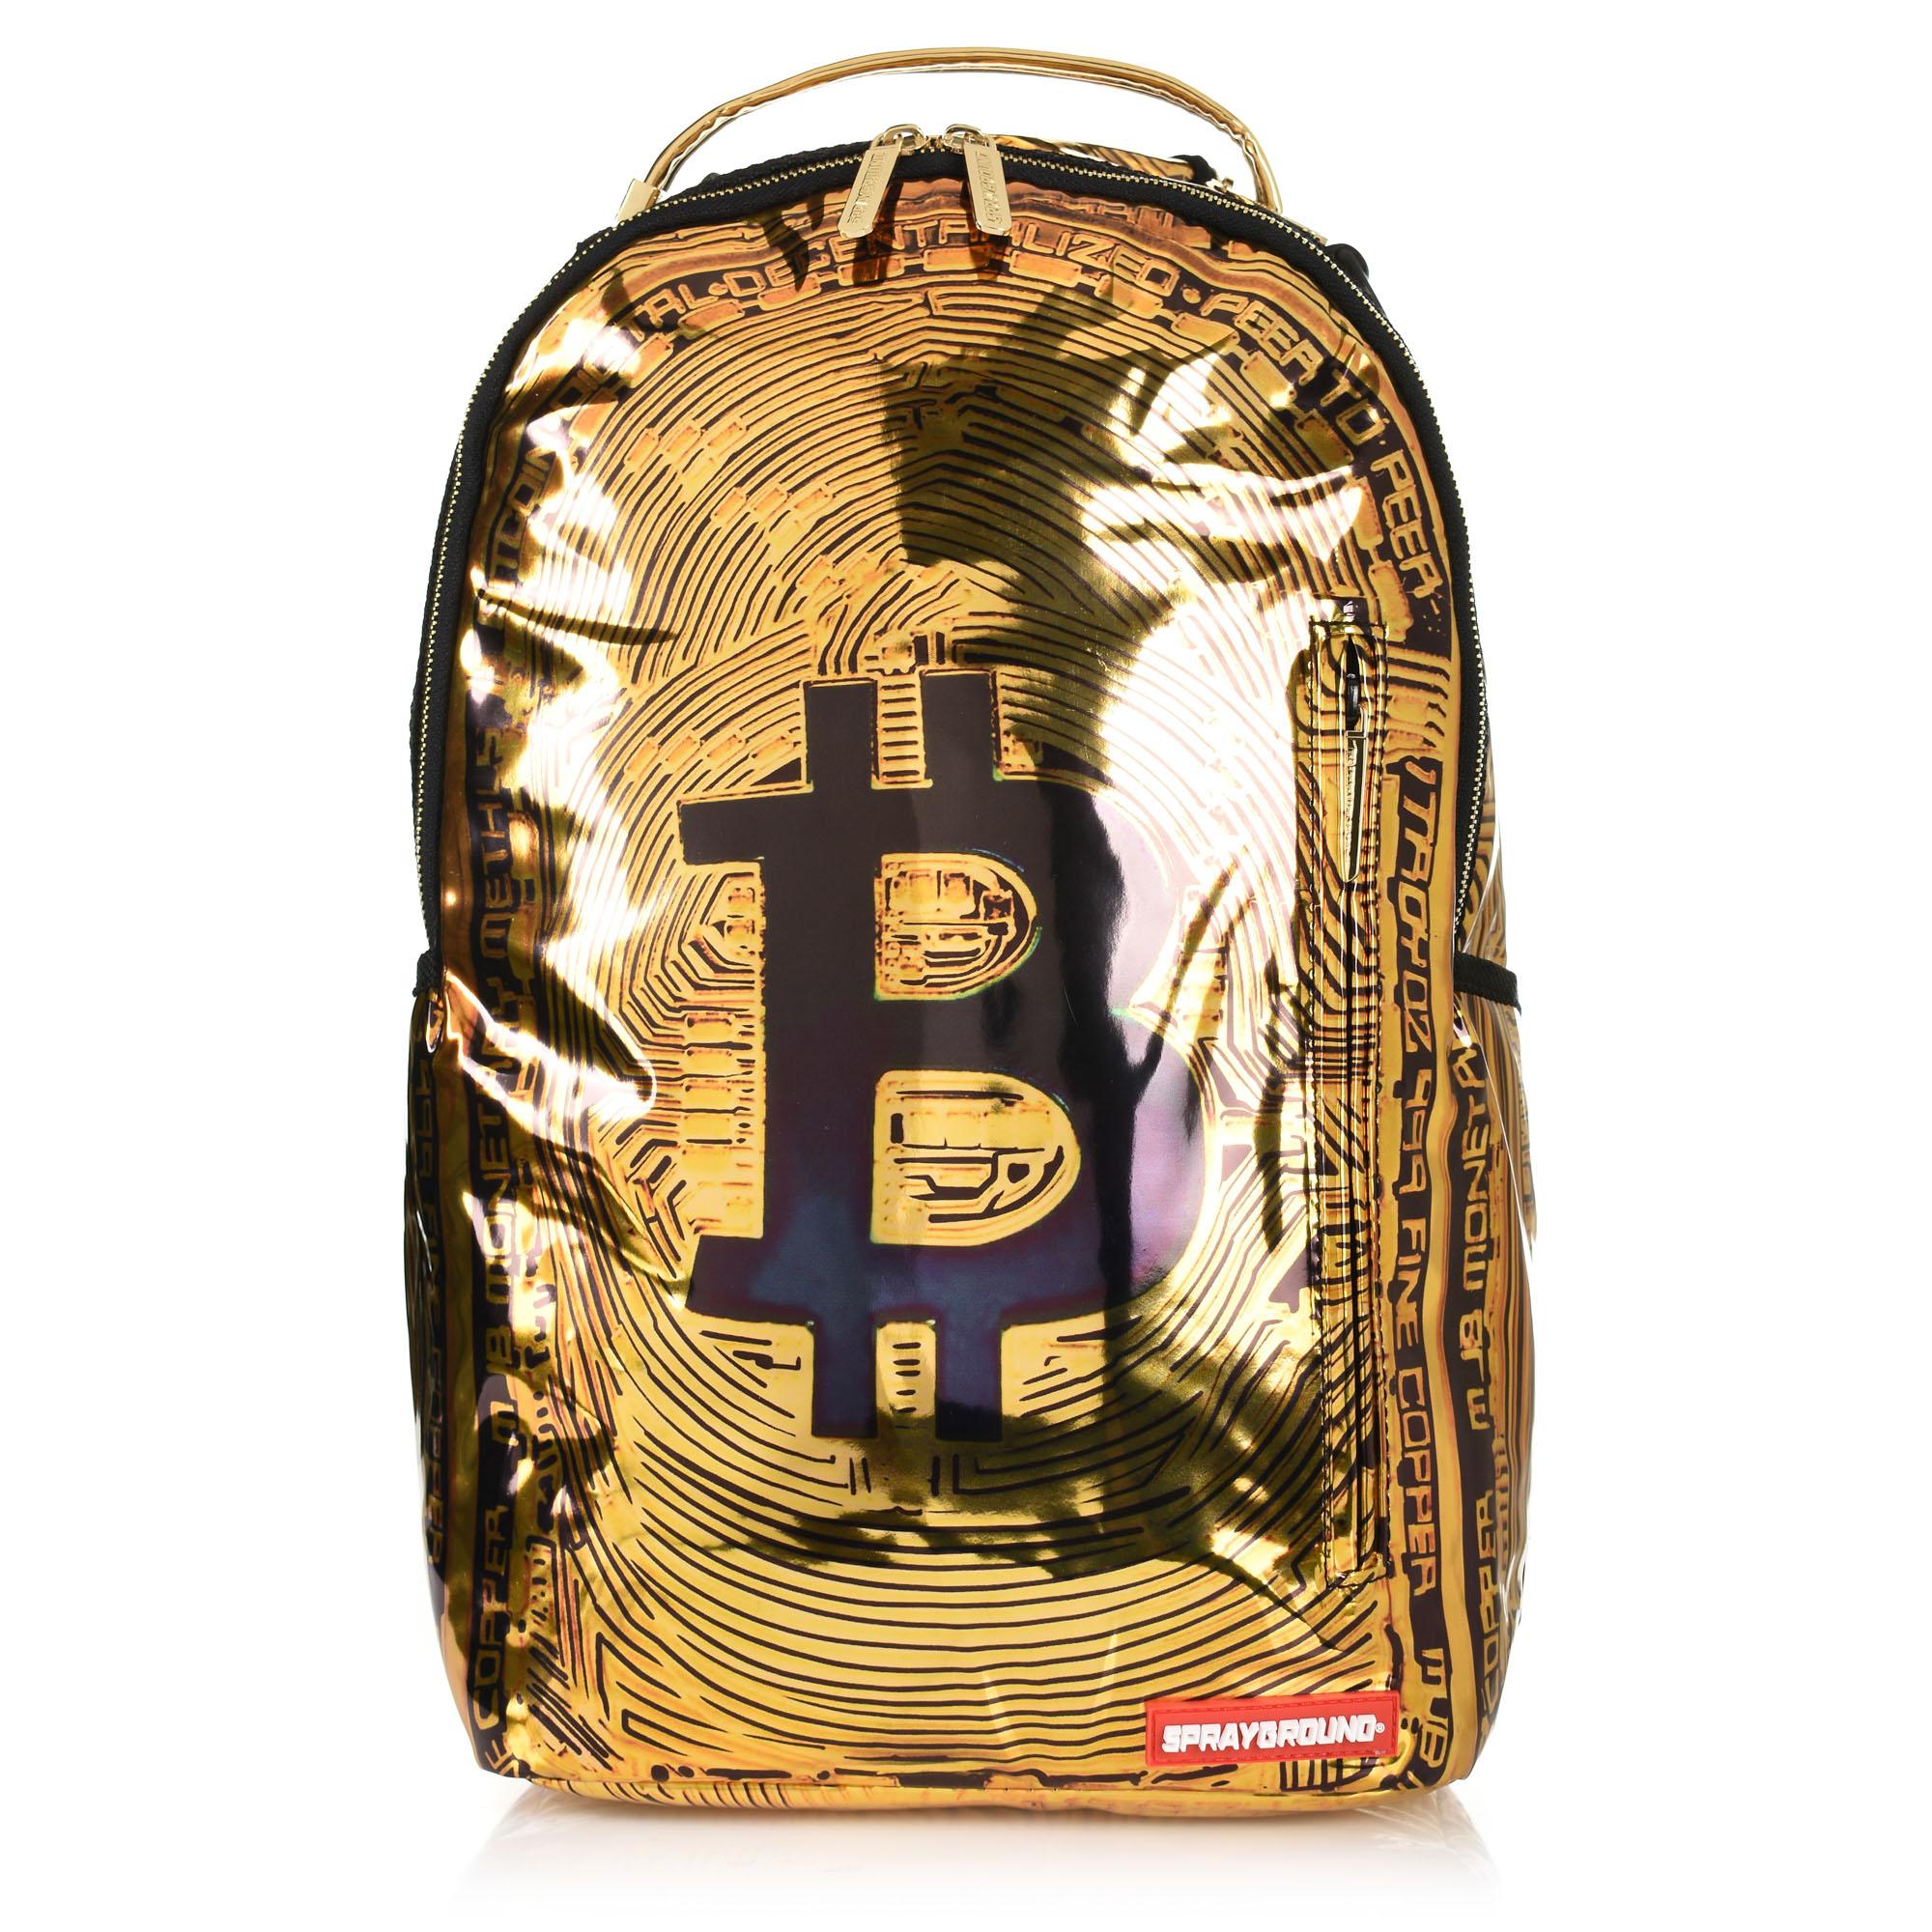 Σακίδιο Πλάτης Sprayground Limited Edition Bitcoin Bag 910B1943NSZ ανδρας   σακίδιο πλάτης